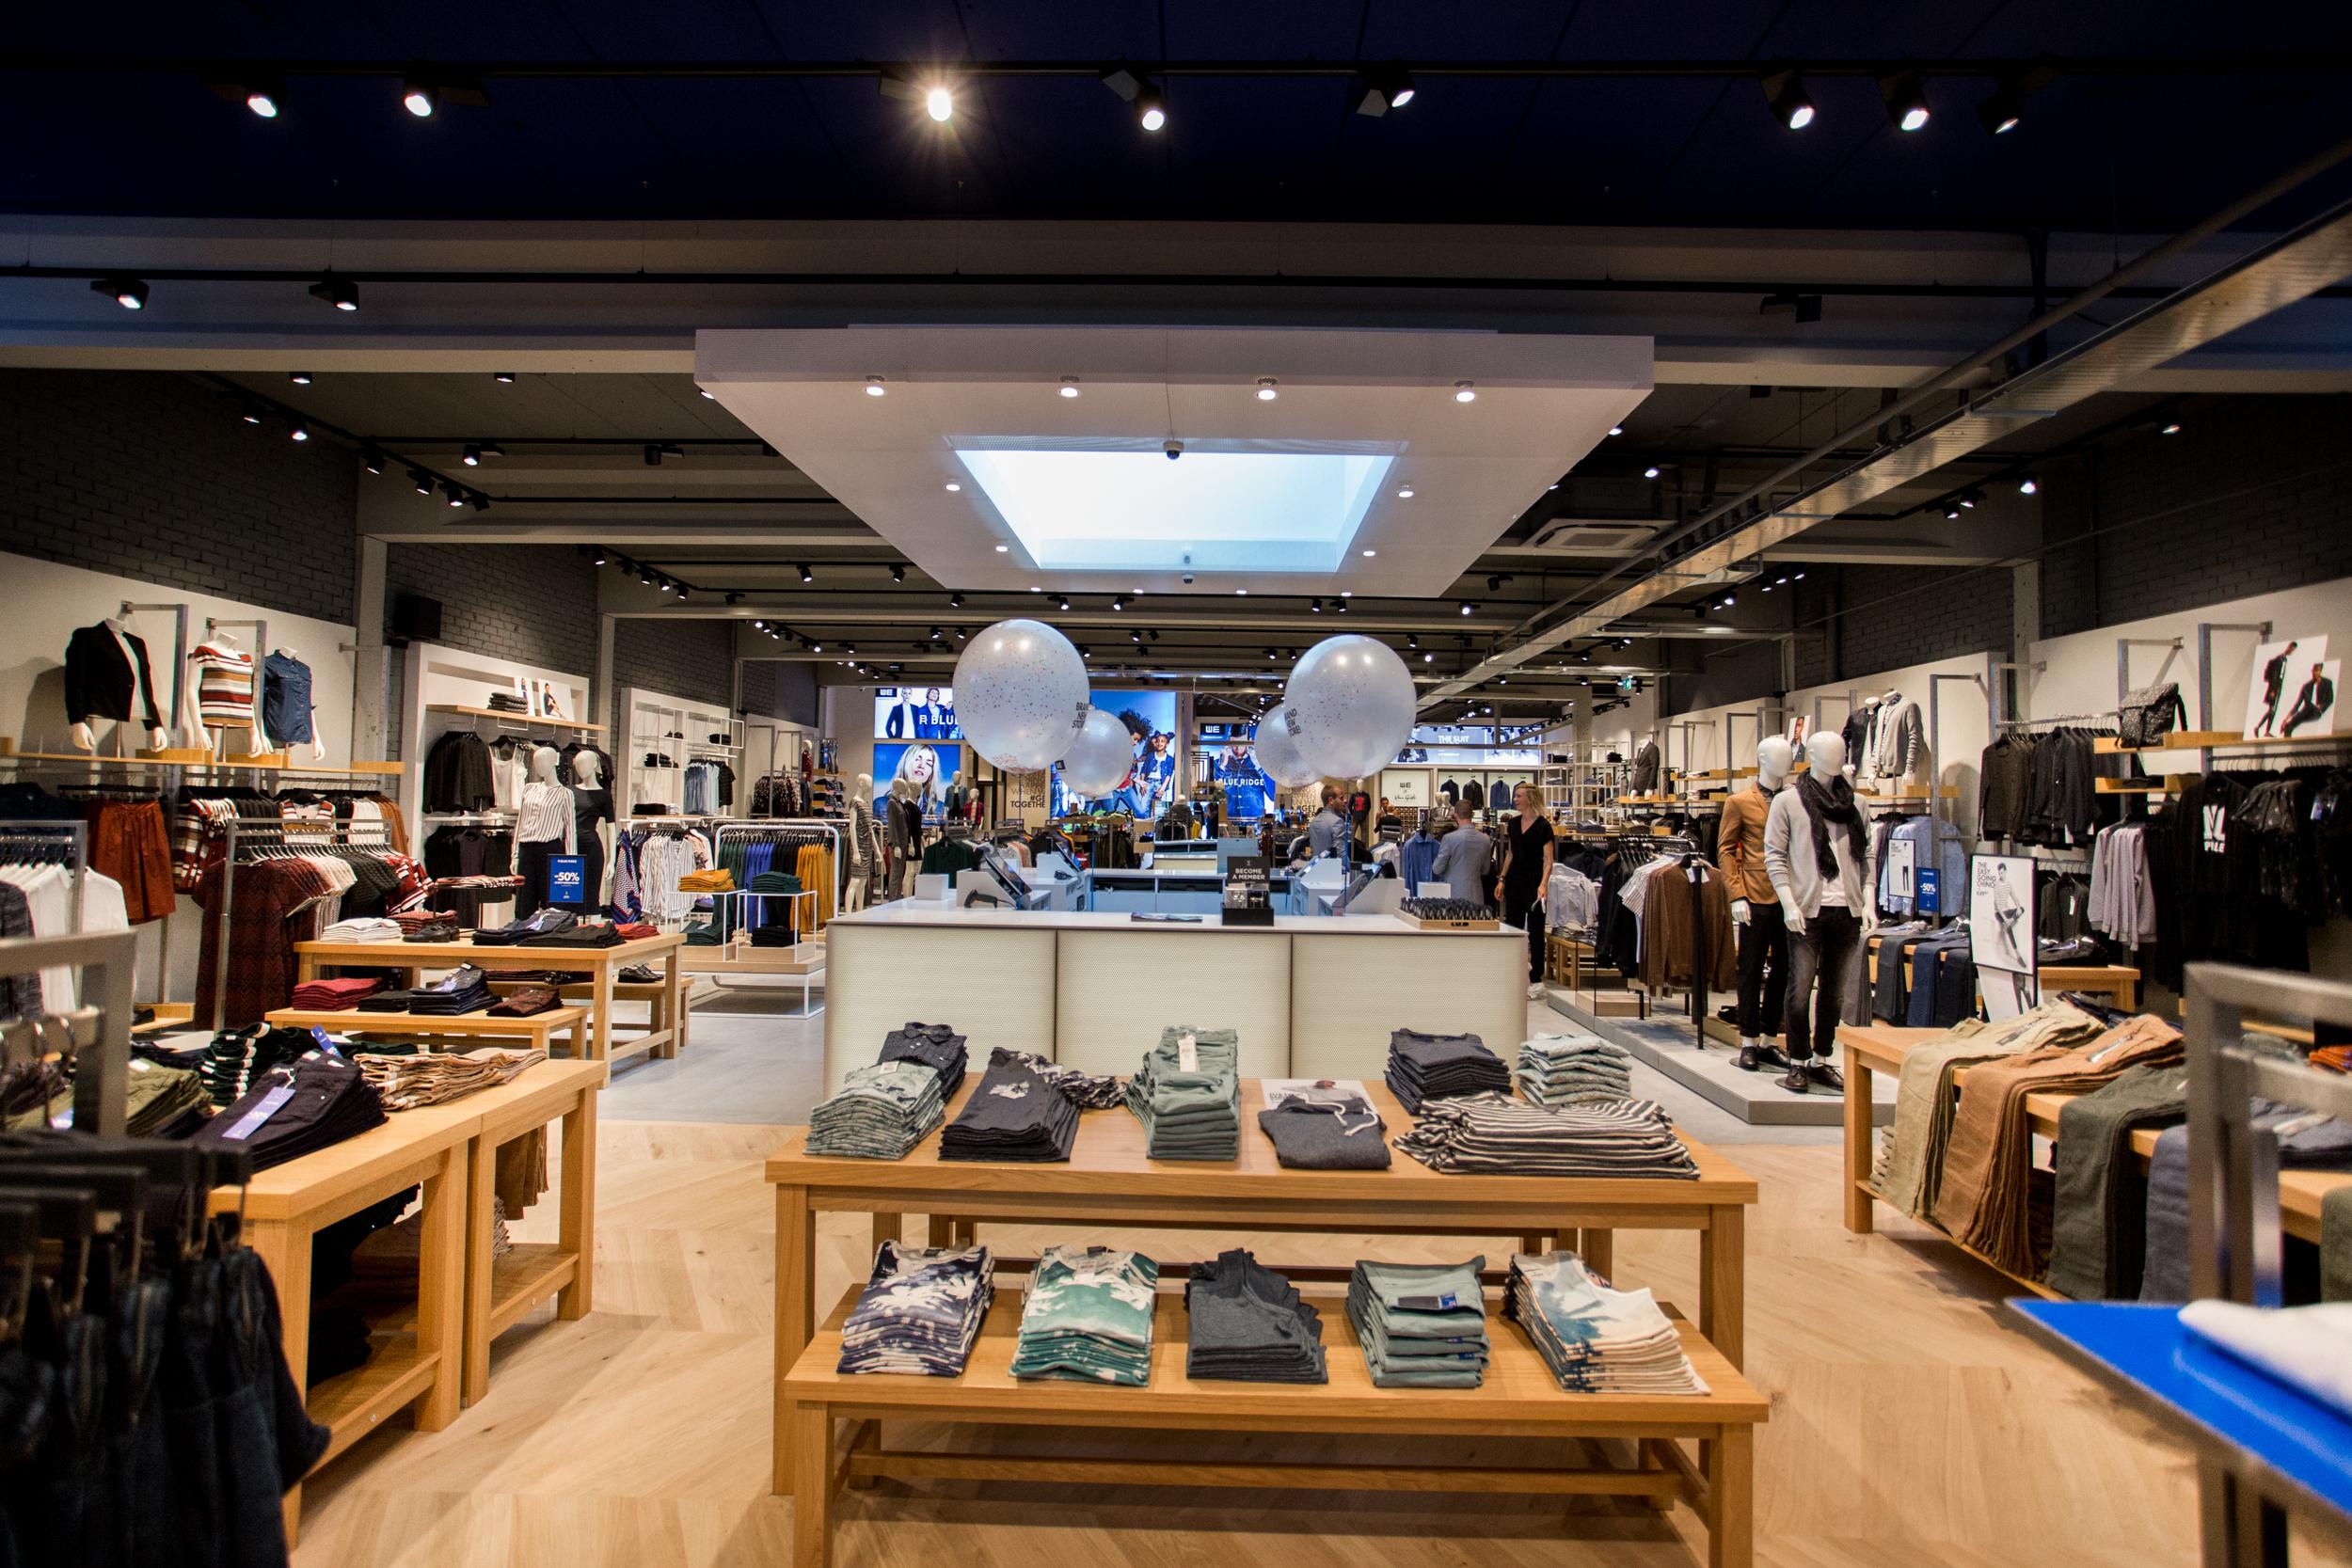 Referenties winkels techniek bv for Interieur winkels